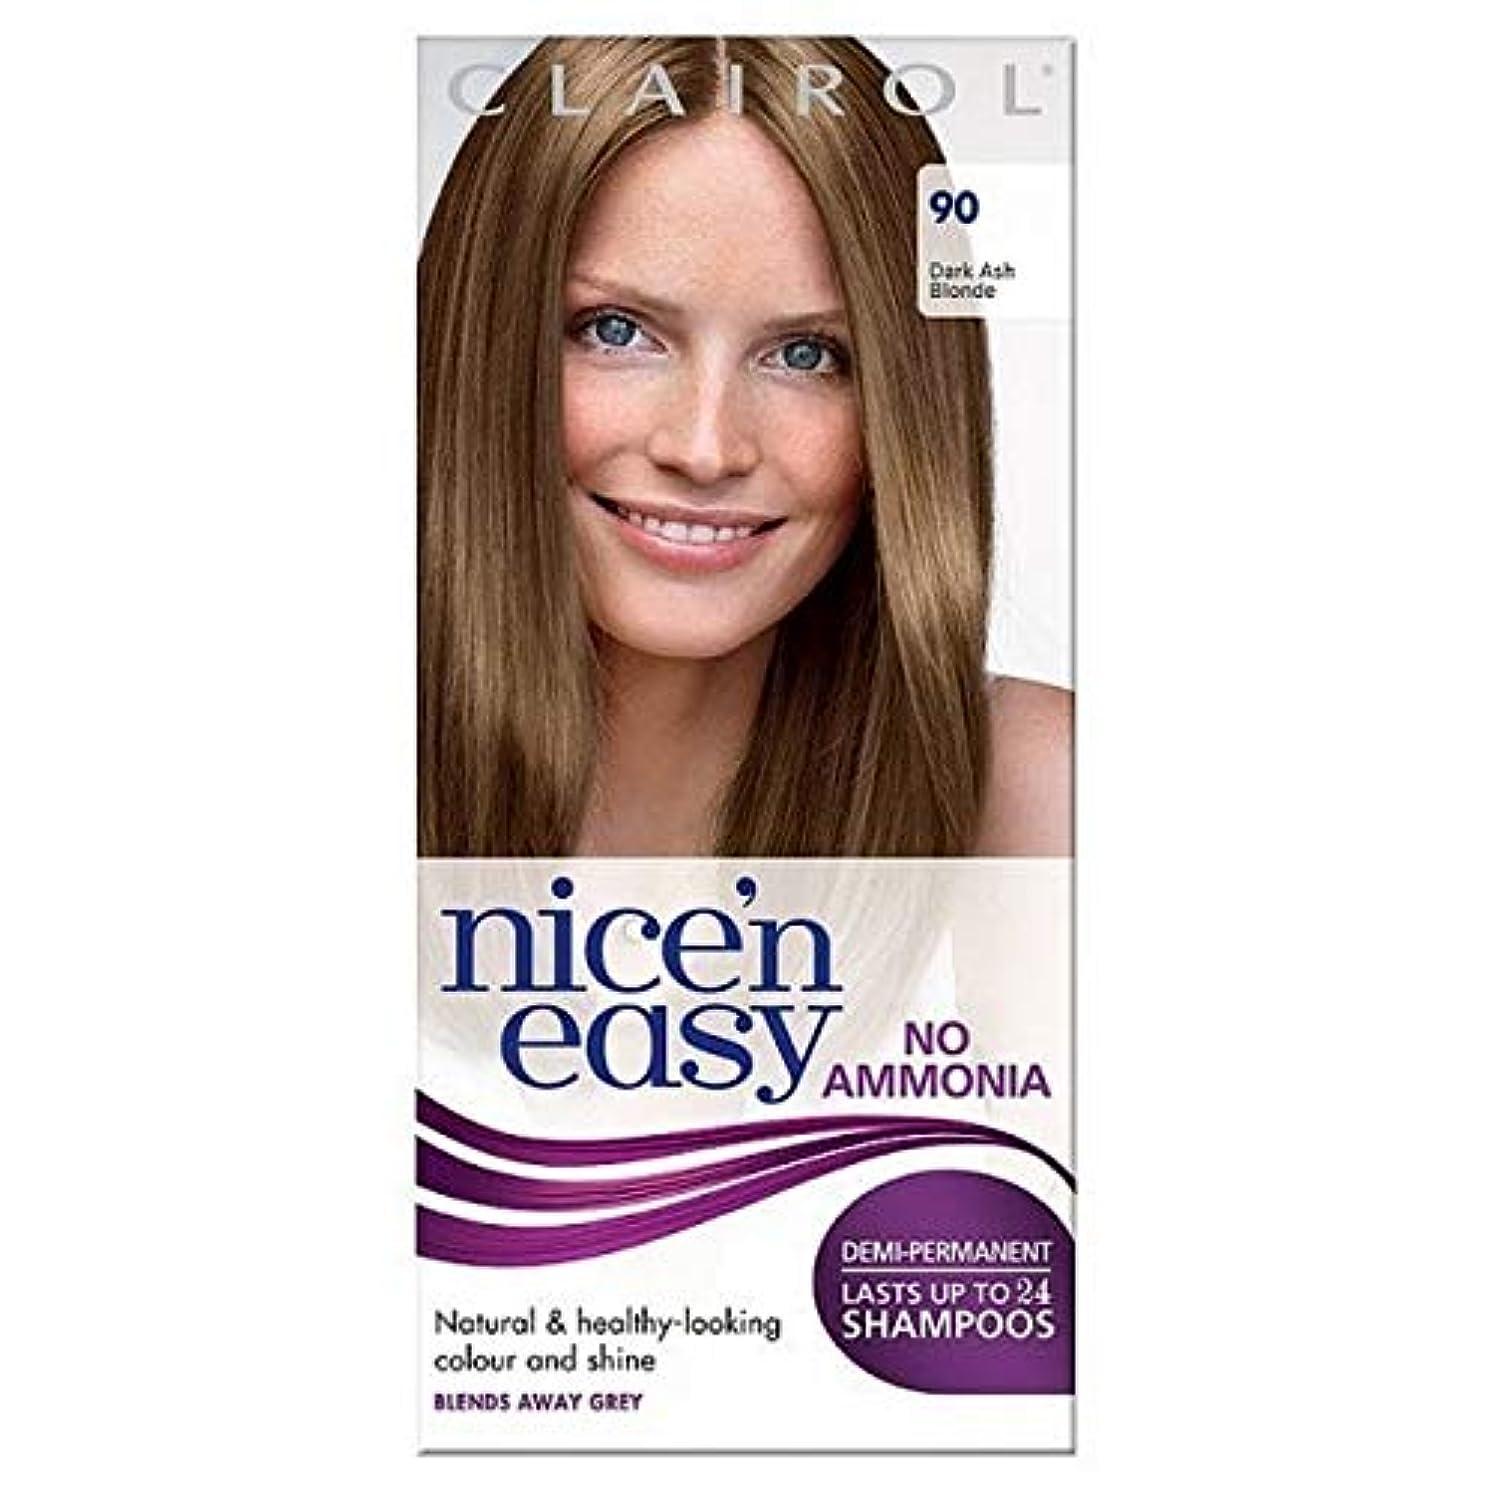 偏差満州エミュレーション[Nice'n Easy] Nice'N簡単に無アンモニア毛染め暗い灰ブロンド90 - Nice'n Easy No Ammonia Hair Dye Dark Ash Blonde 90 [並行輸入品]